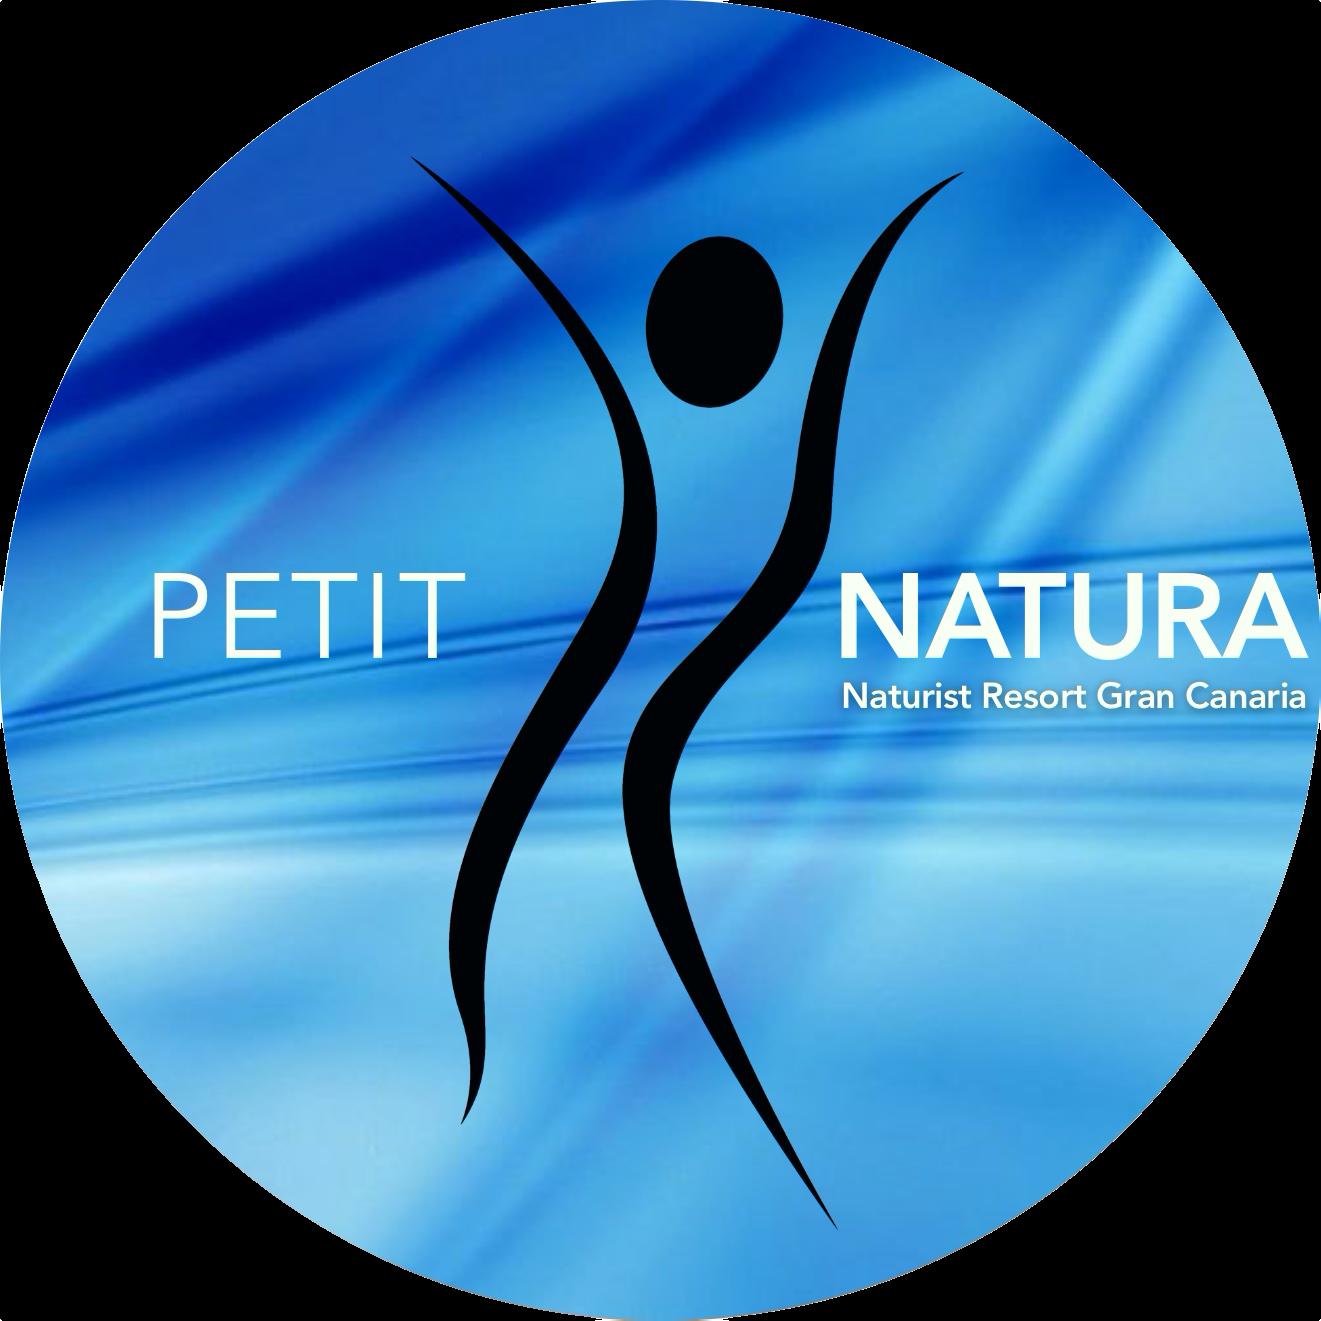 Petit hotel Natura